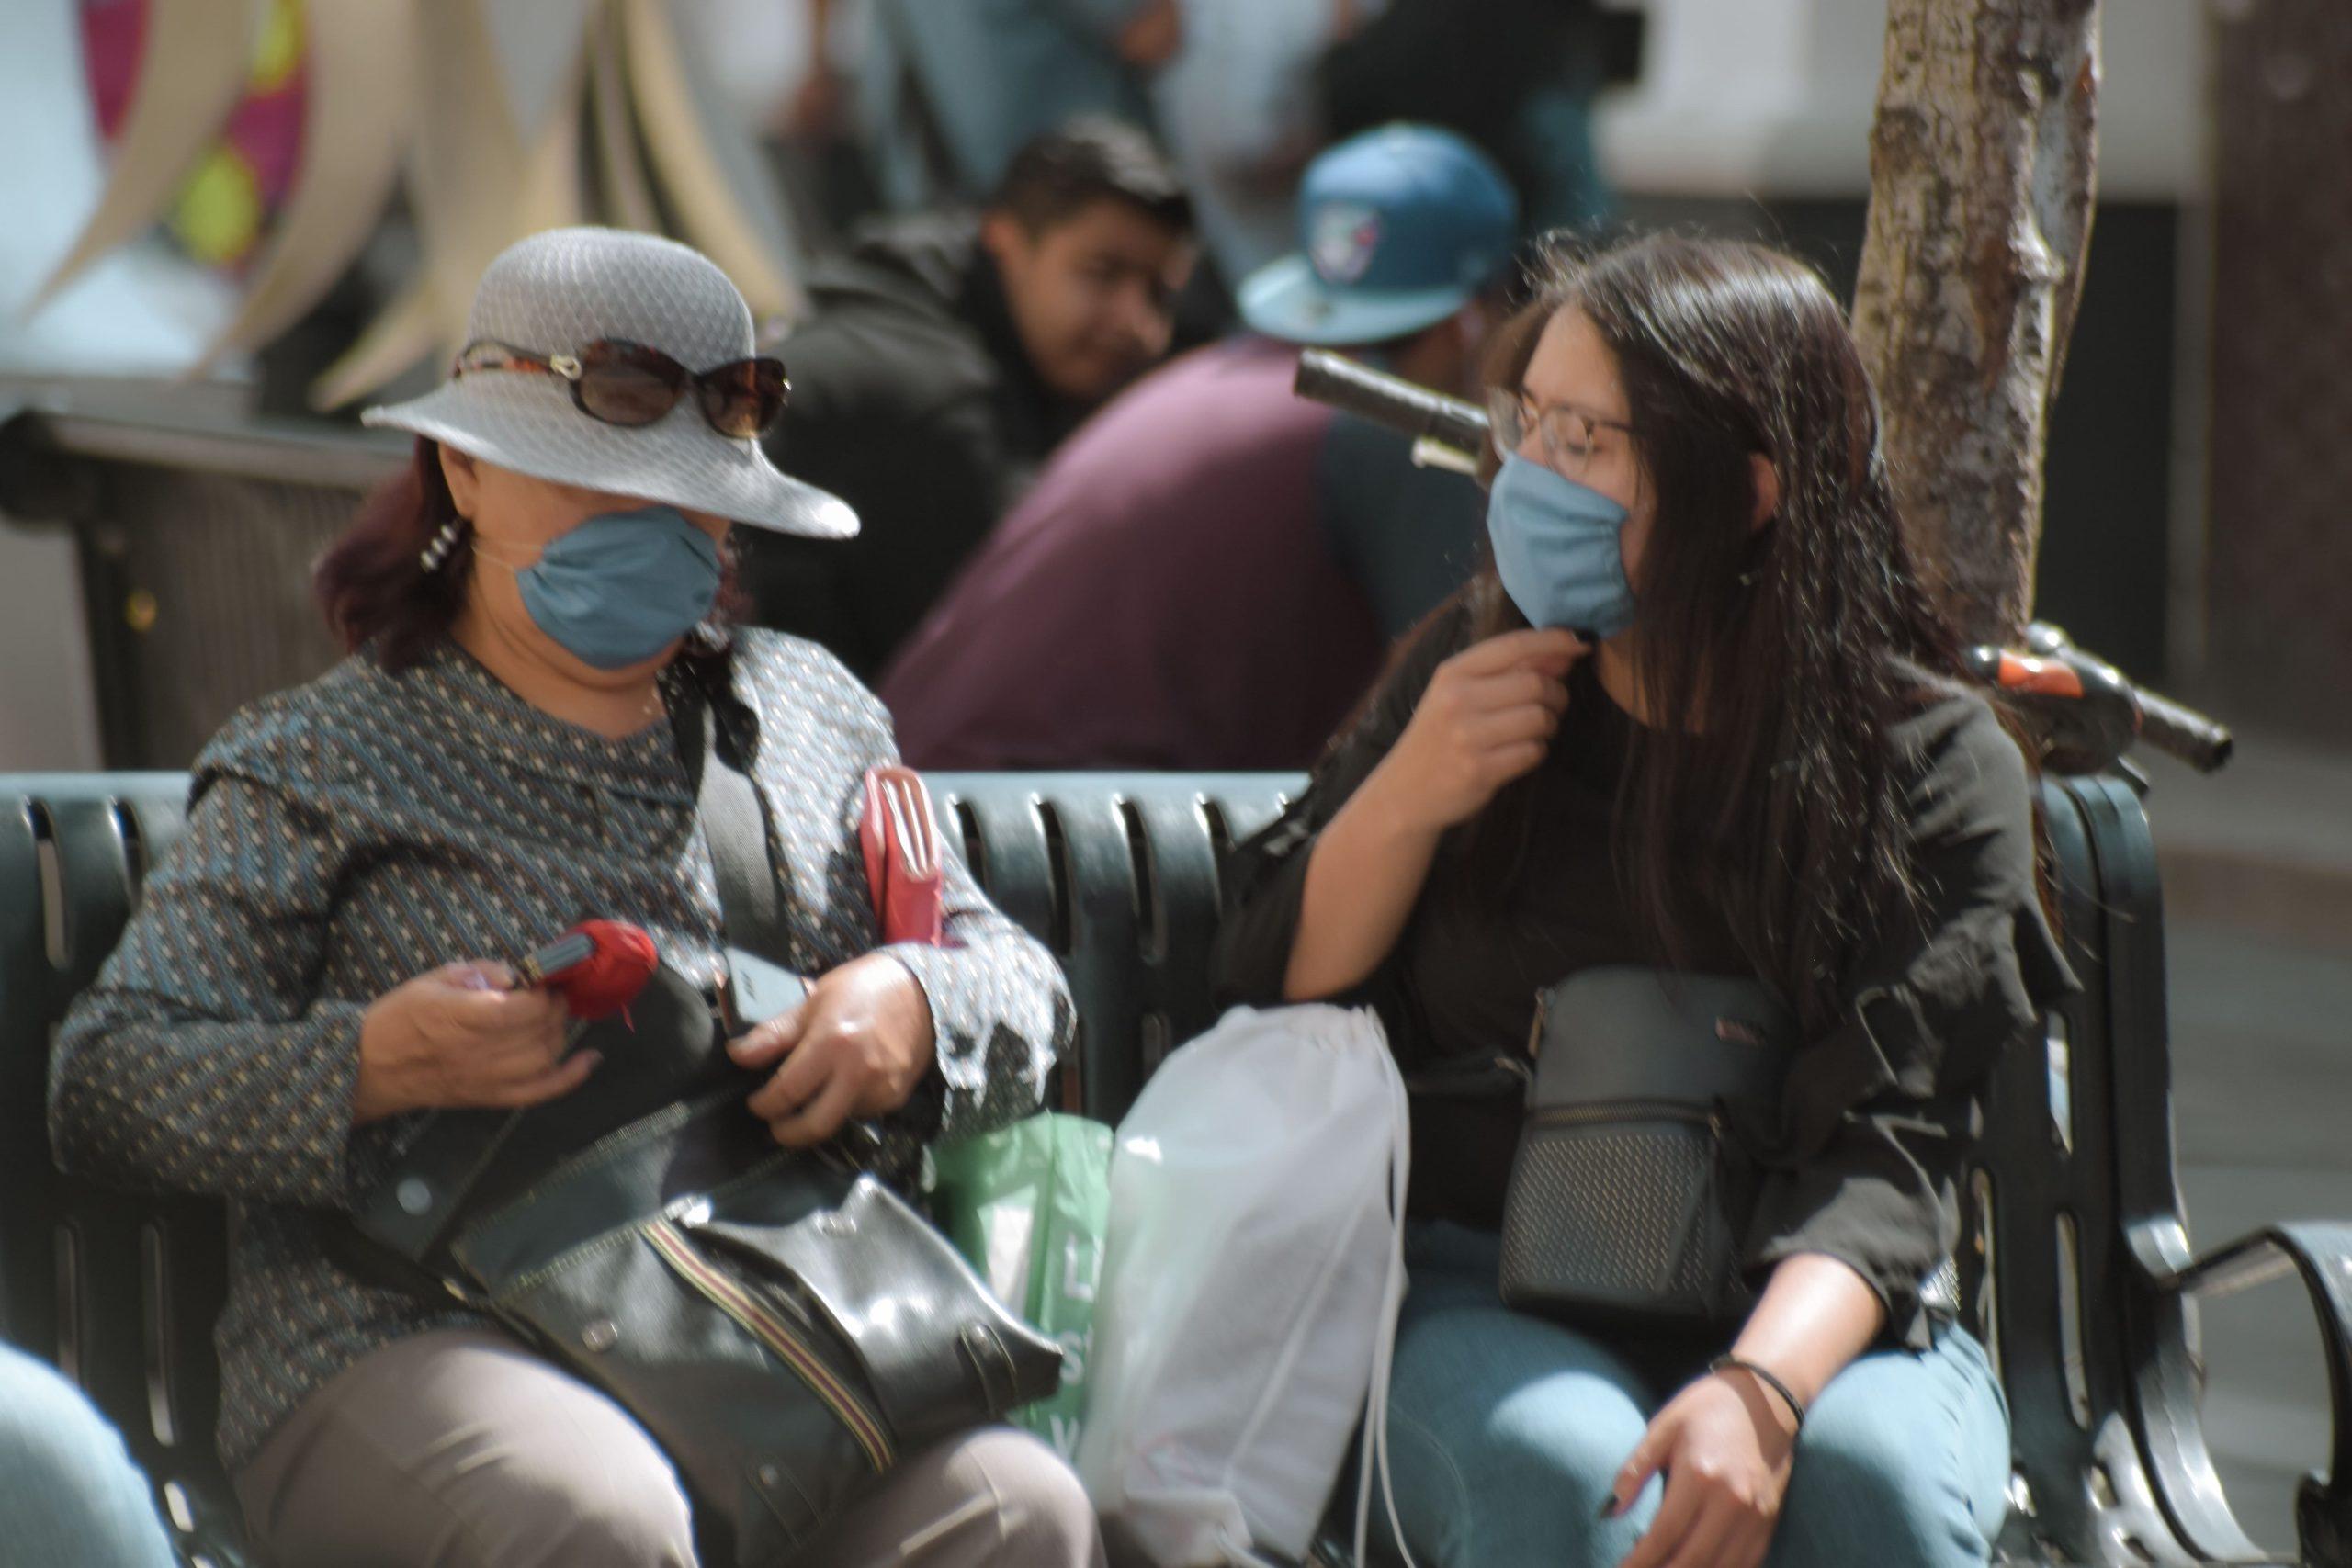 USO DE CUBREBOCAS DISMINUYE PROBABILIDAD DE CONTRAER ENFERMEDADES RESPIRATORIAS: ESPECIALISTA